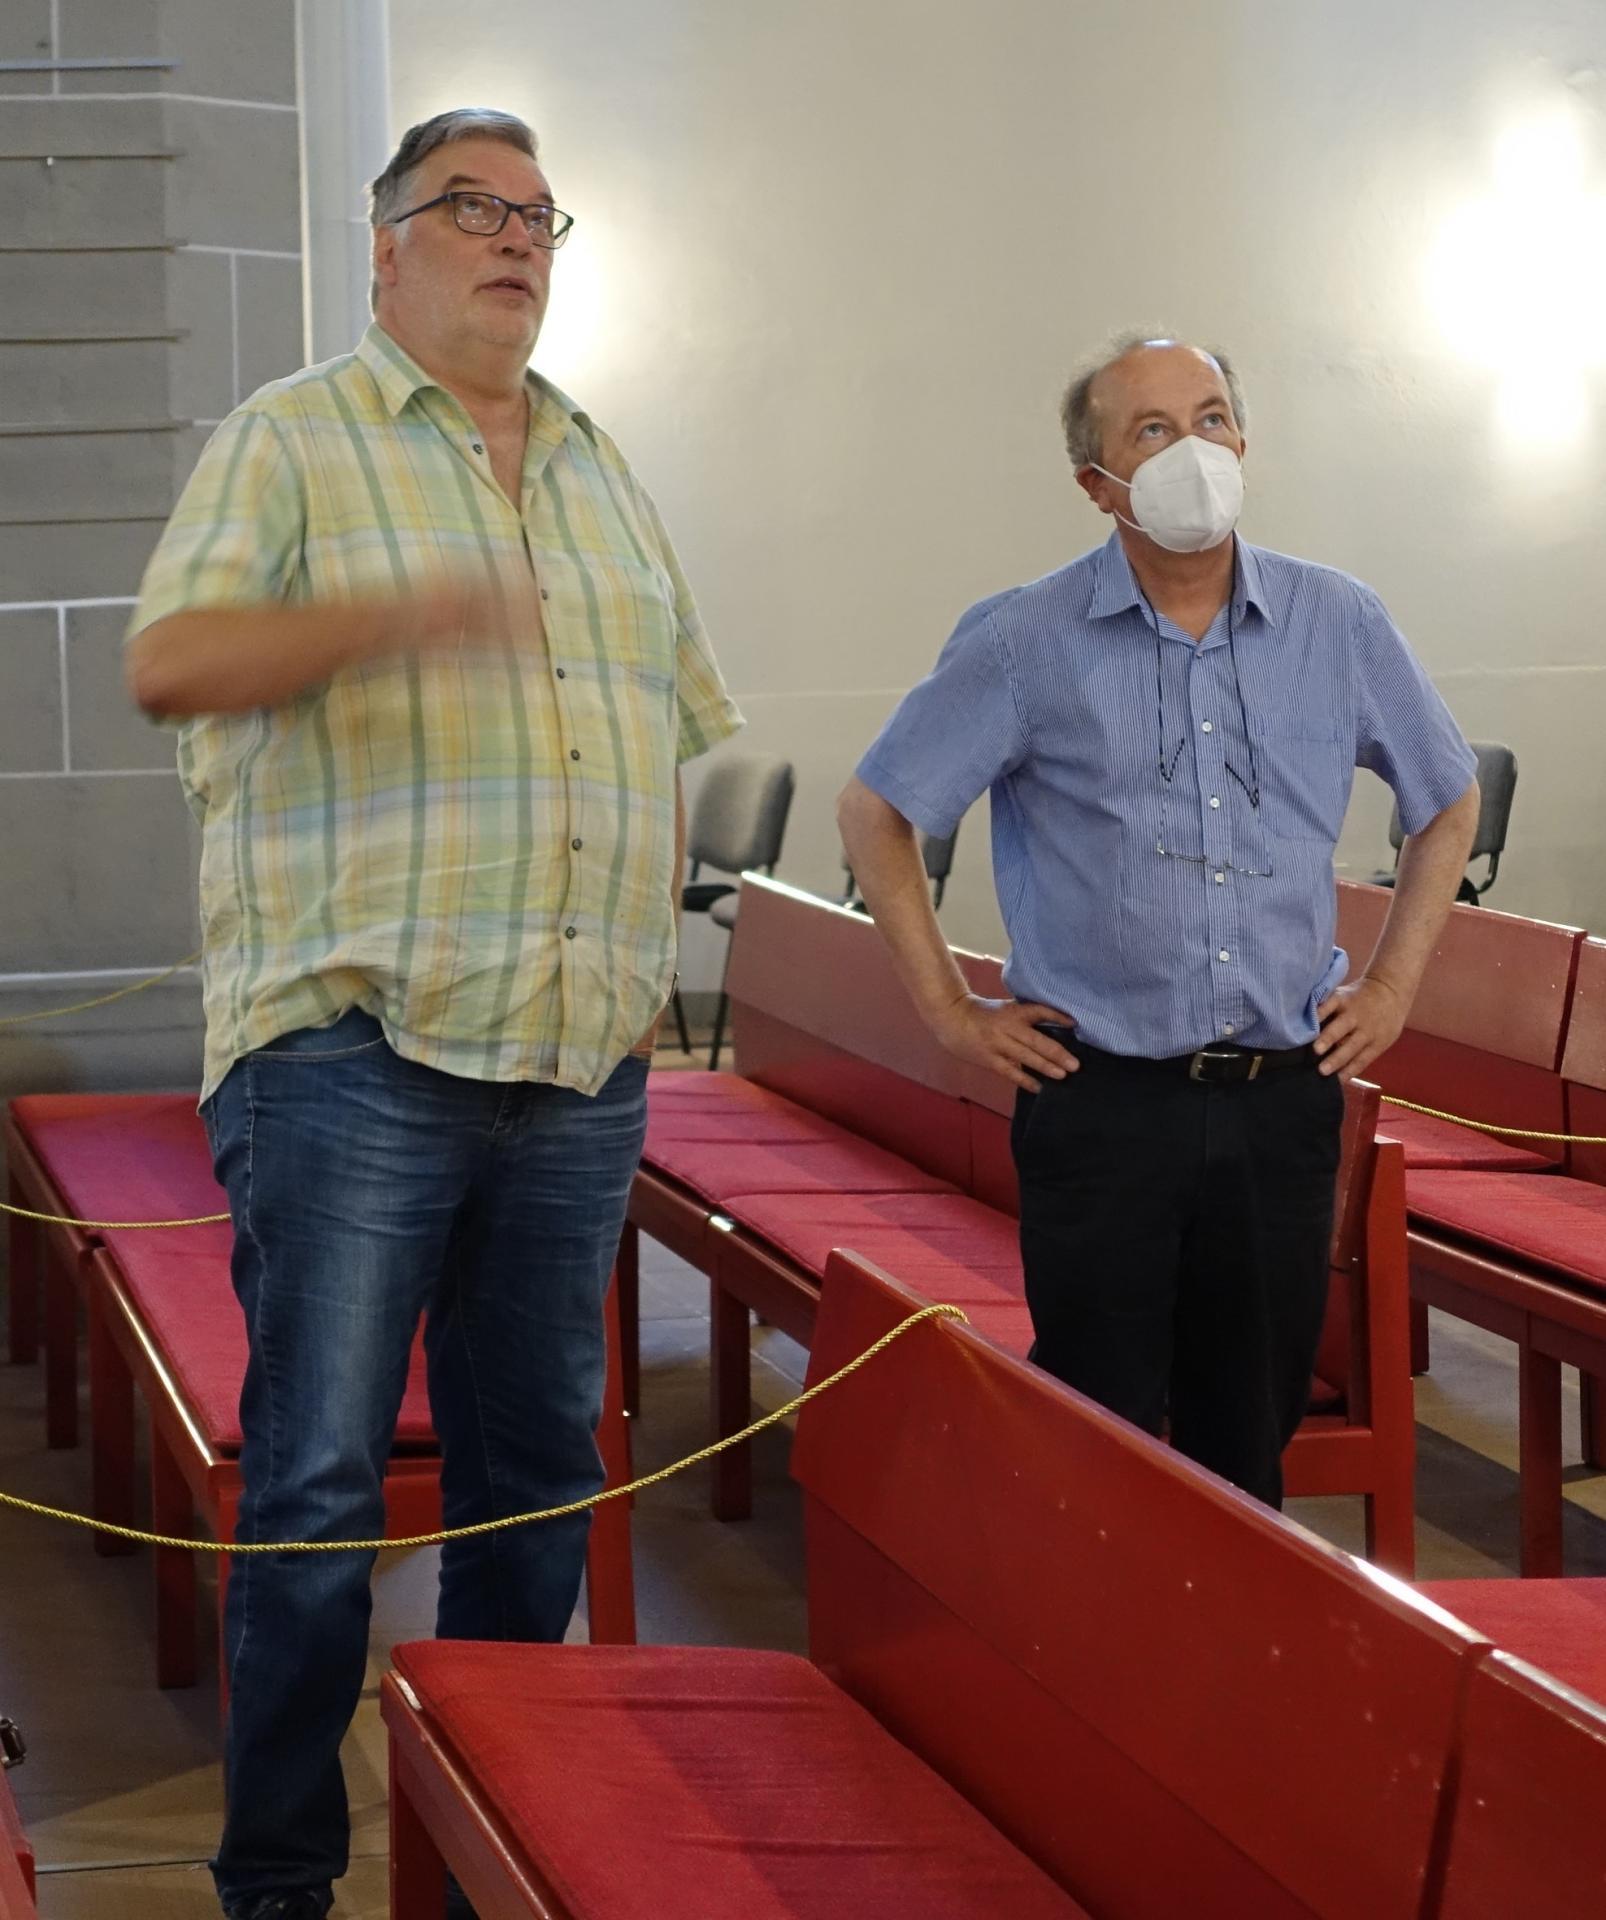 Frank Wagner vom ABK und Prof. Thorsten Albrecht vom Kunstreferat der Landeskirche beurteilen die mittelalterlichen Fenster mit Abstand